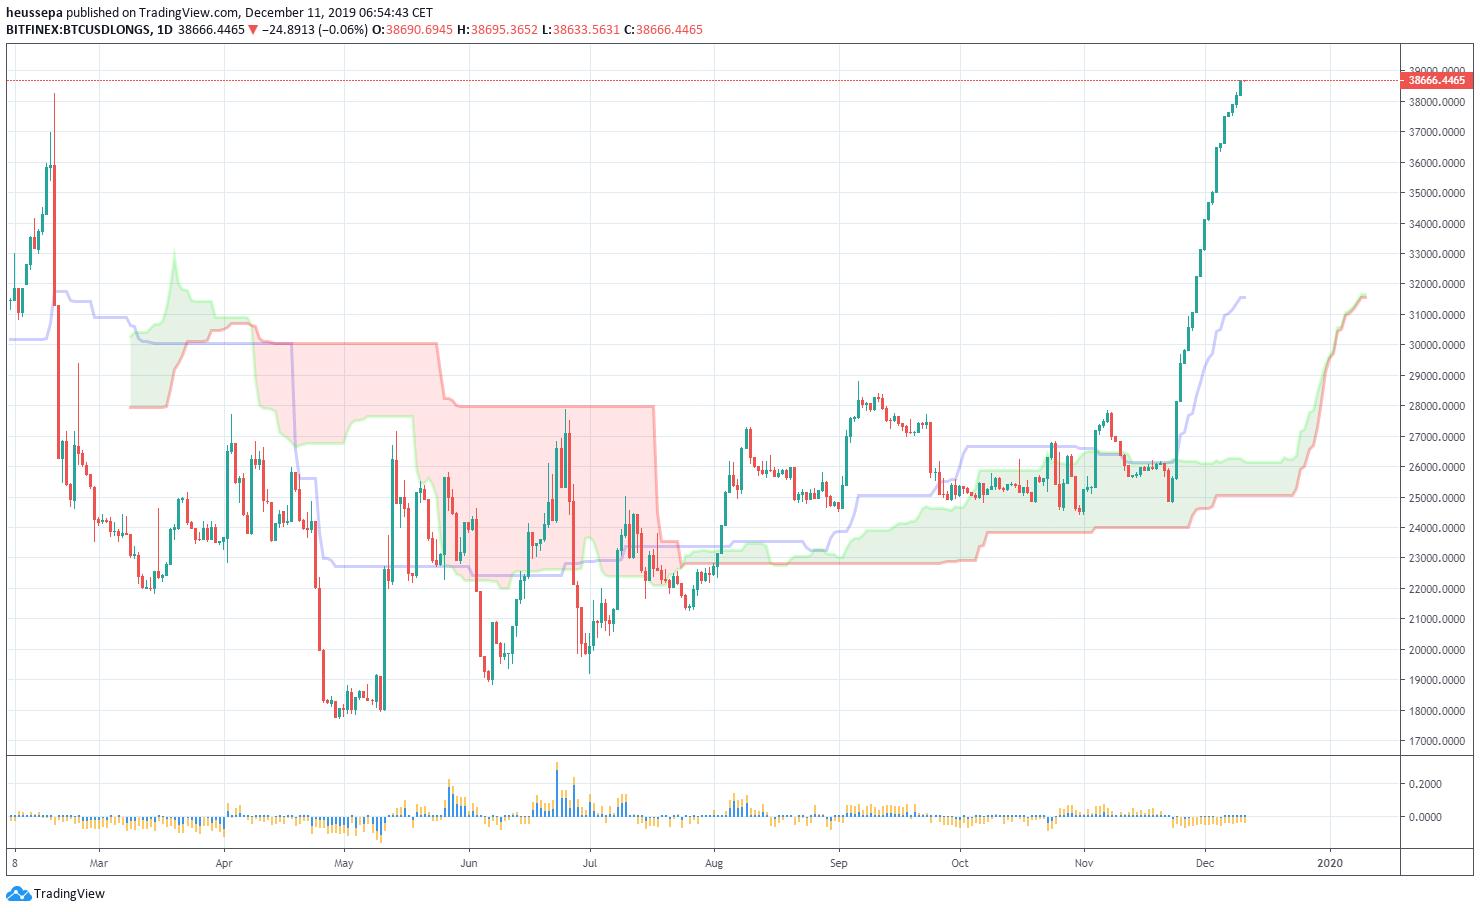 wie funktioniert der bitcoin margenhandel? kryptowährung investieren oder nicht langfristig?